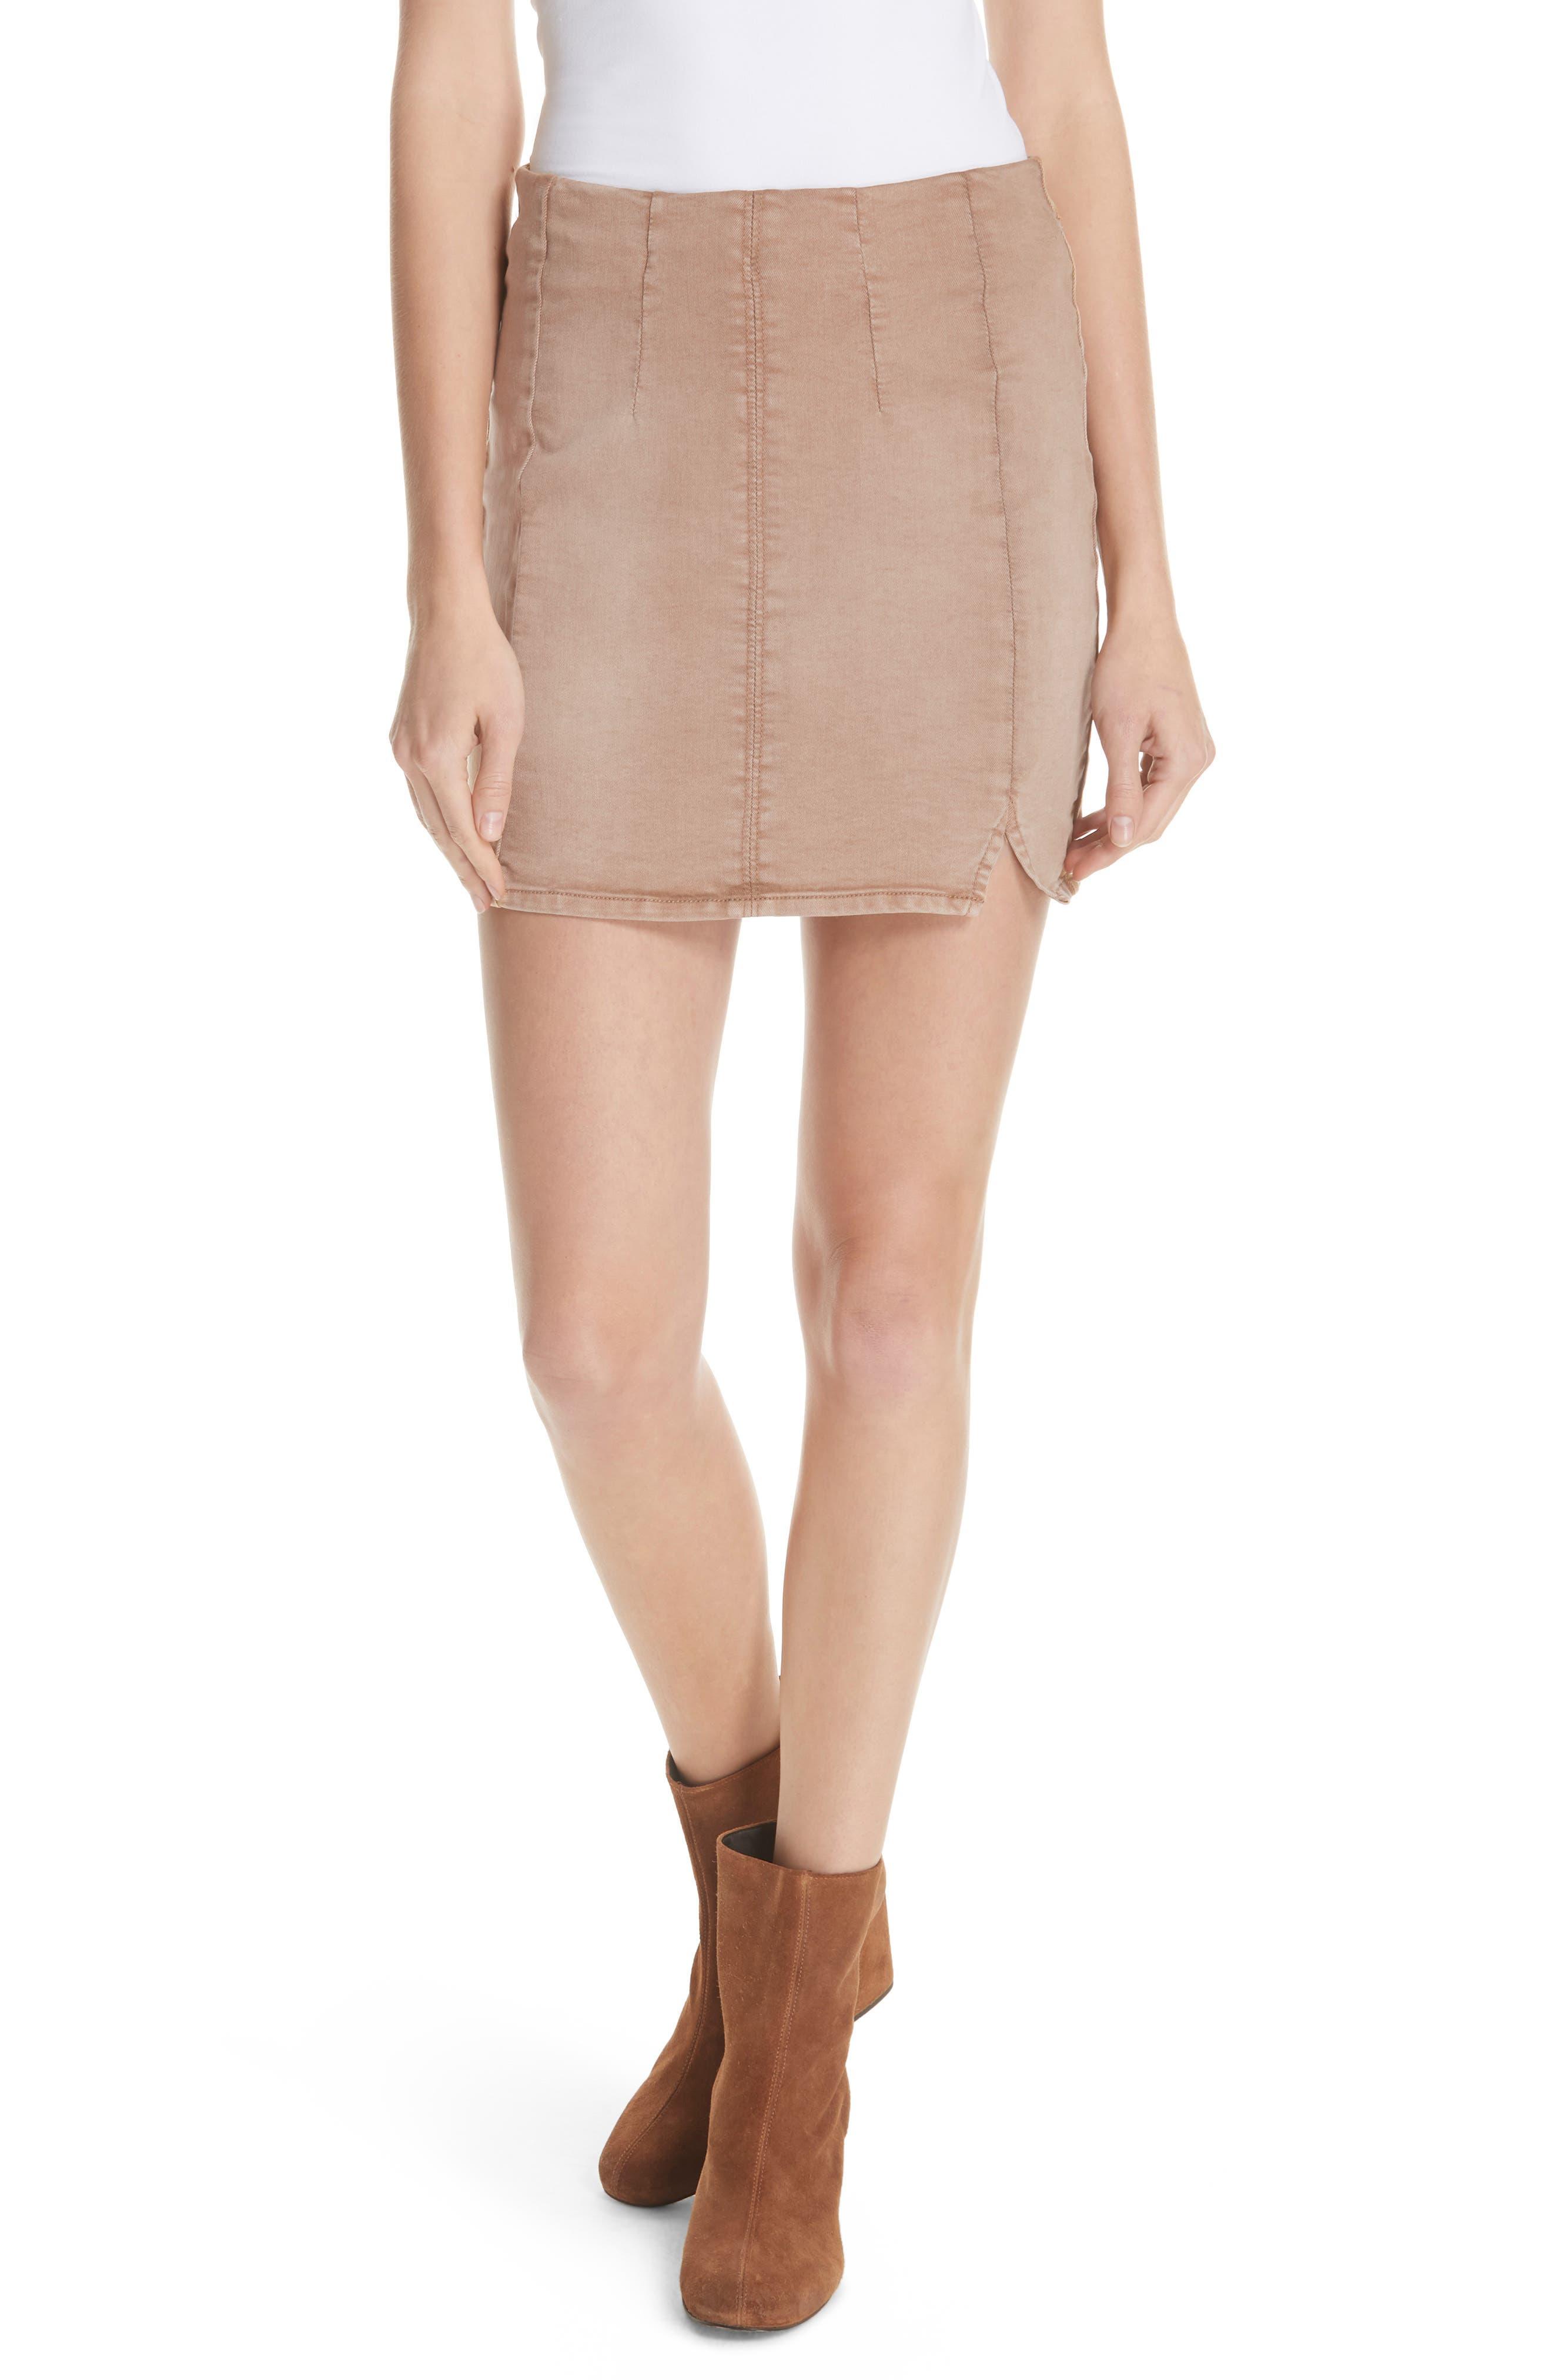 Femme Fatale Pull On Skirt,                         Main,                         color, KHAKI